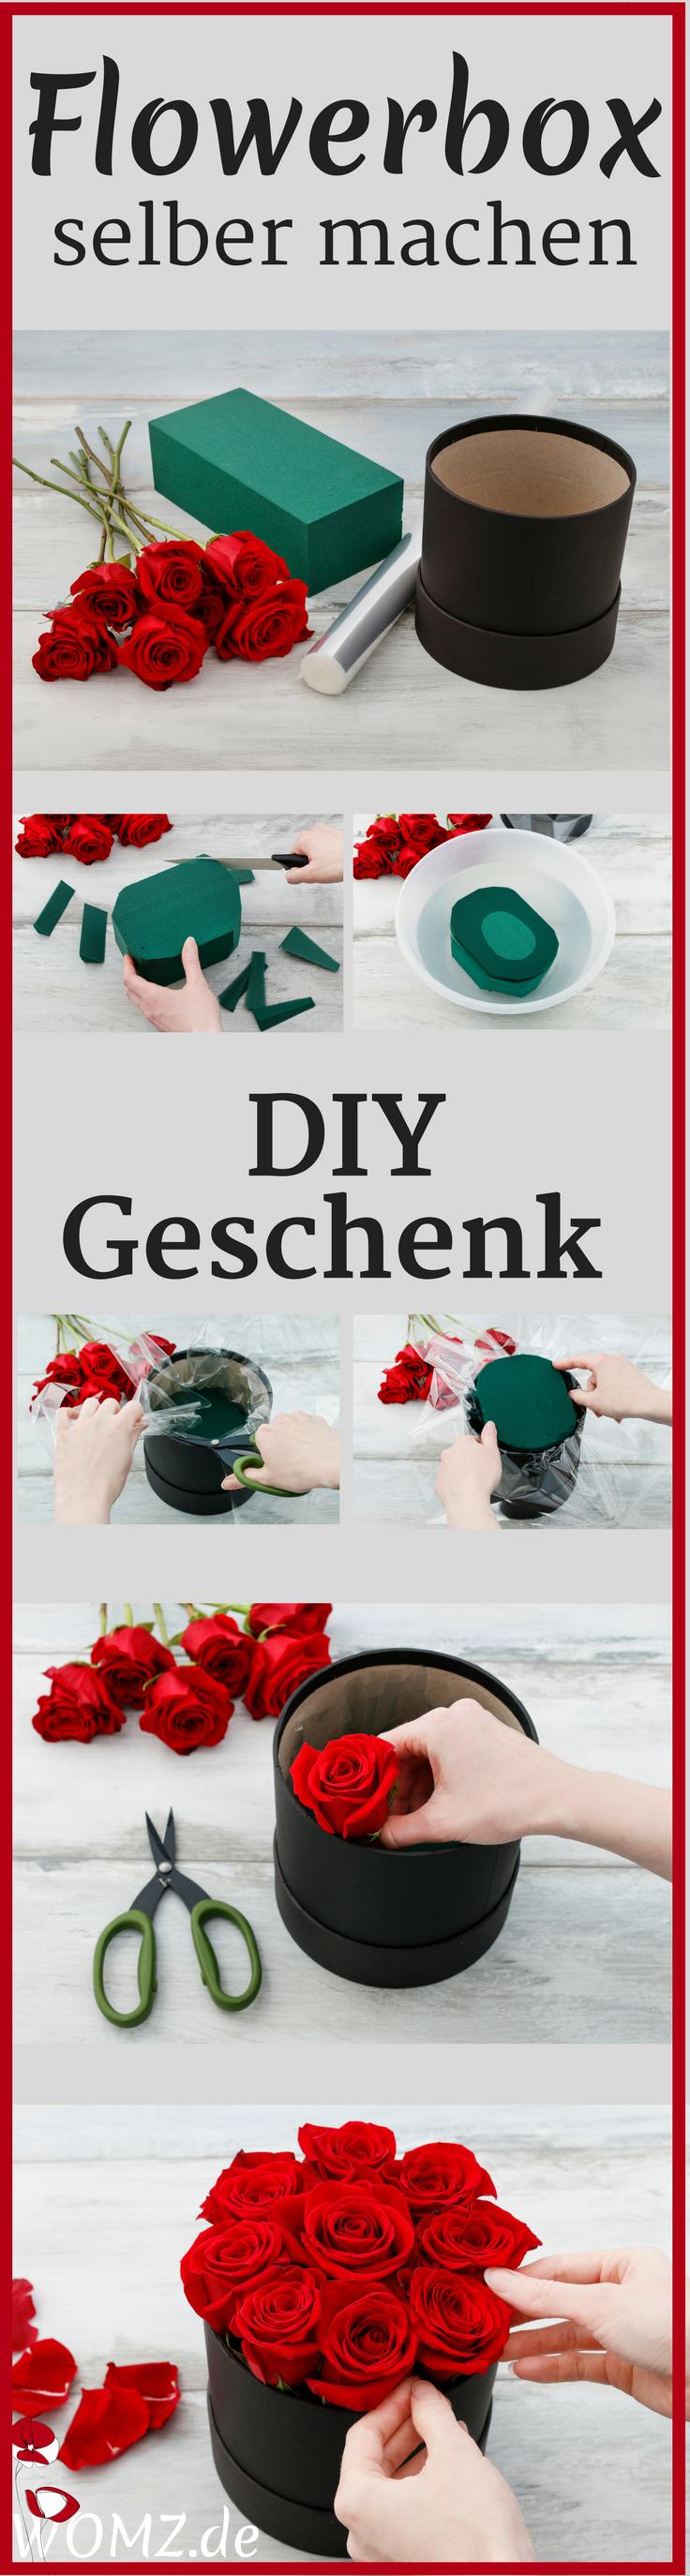 Dieses DIY Geschenk ist wirklich einmalig schön Eine Flowerbox selber machen geht ganz einfach und schnell Eine tolle Geschenkidee für Muttertag